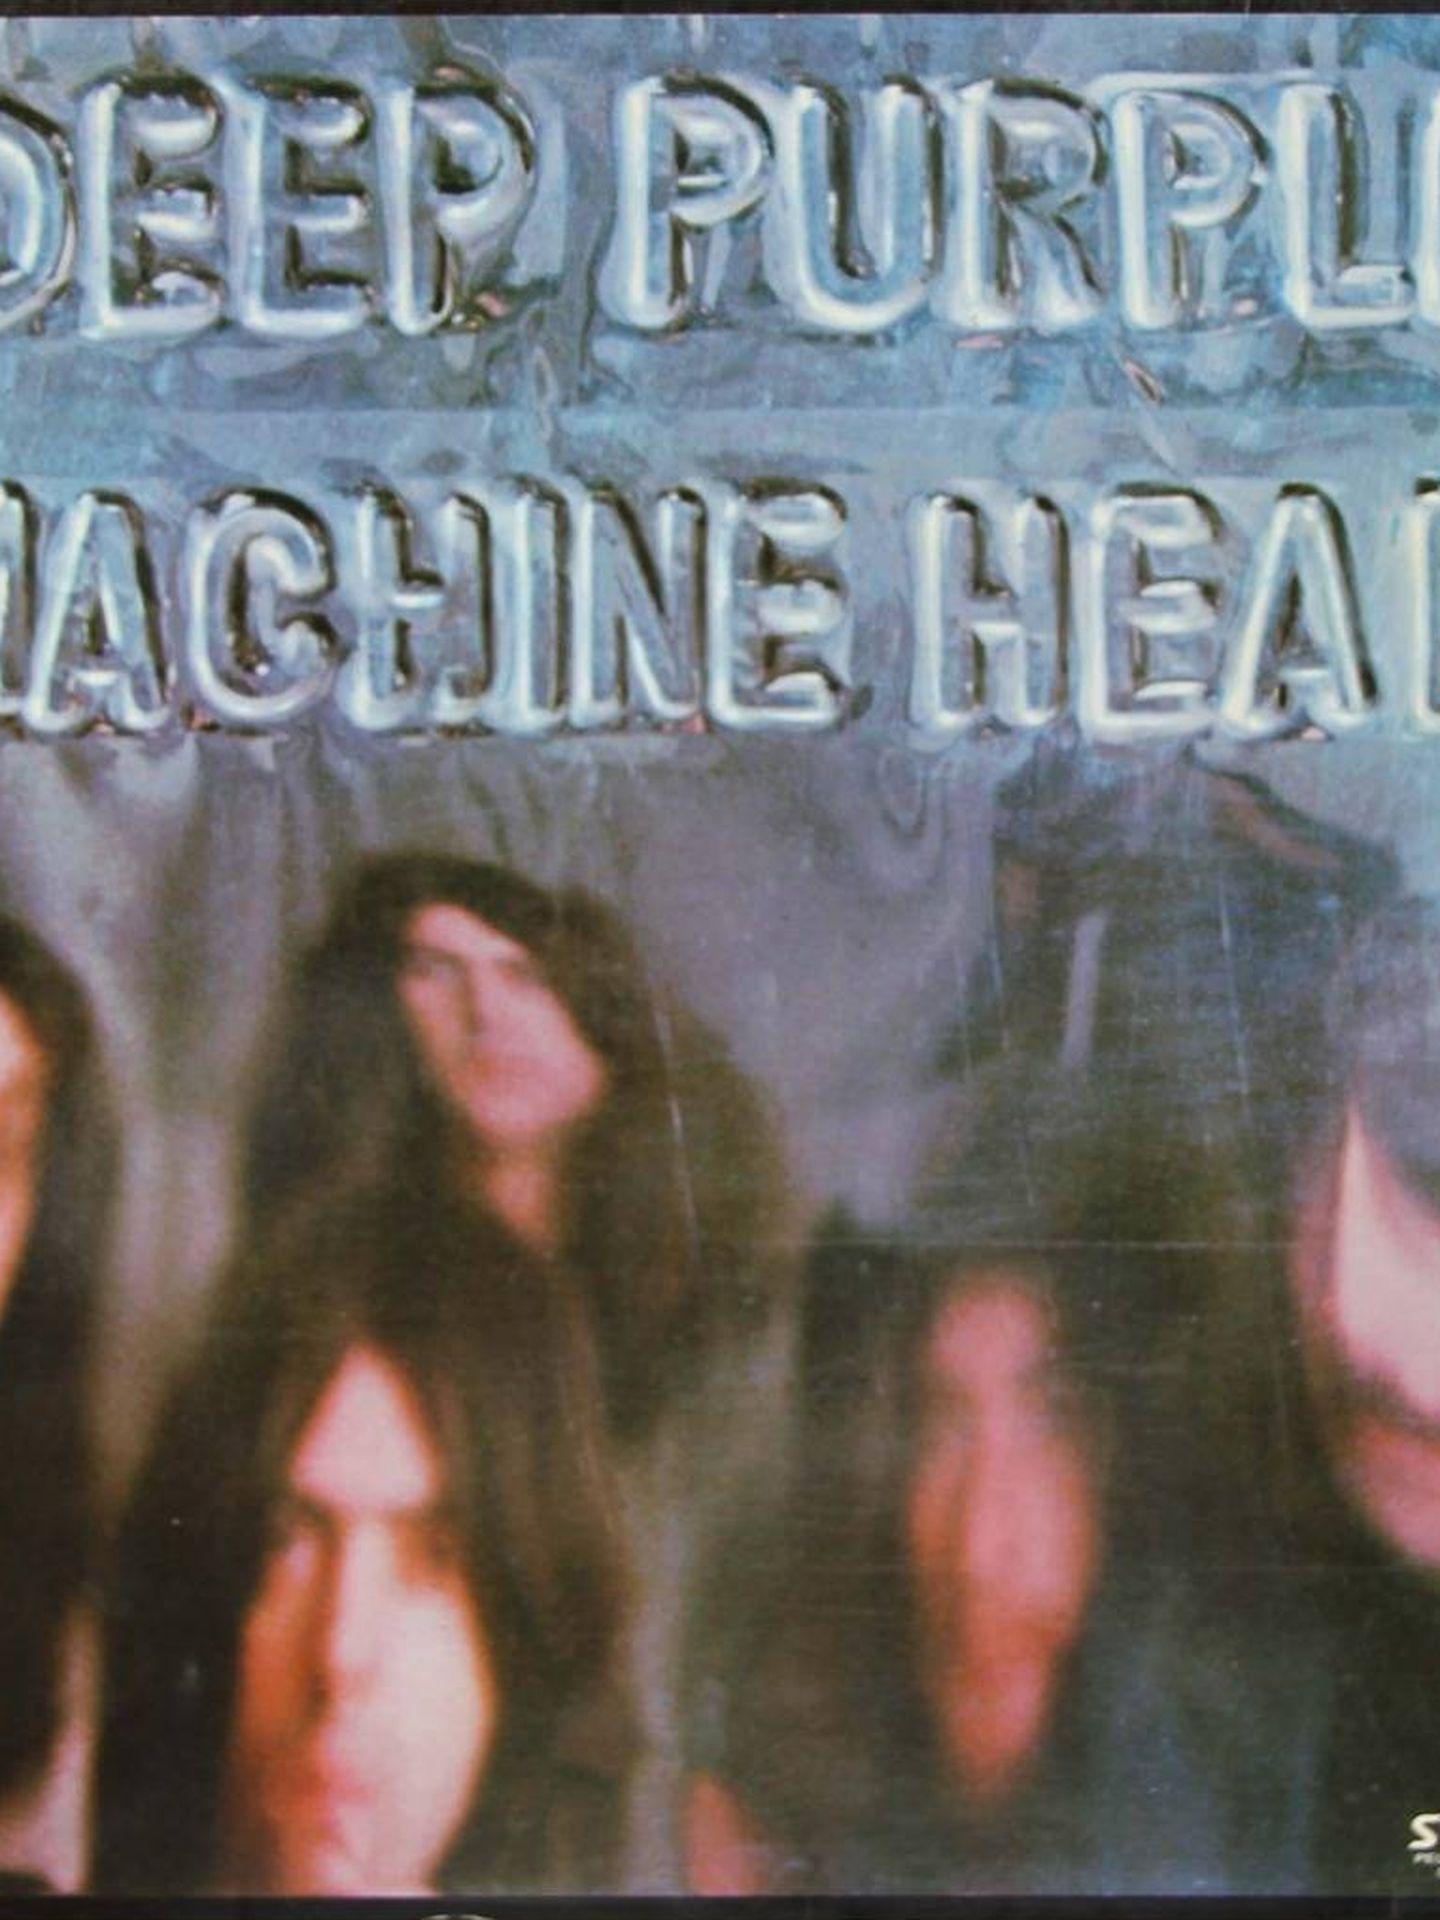 Portada del álbum 'Machine Head' de Deep Purple.